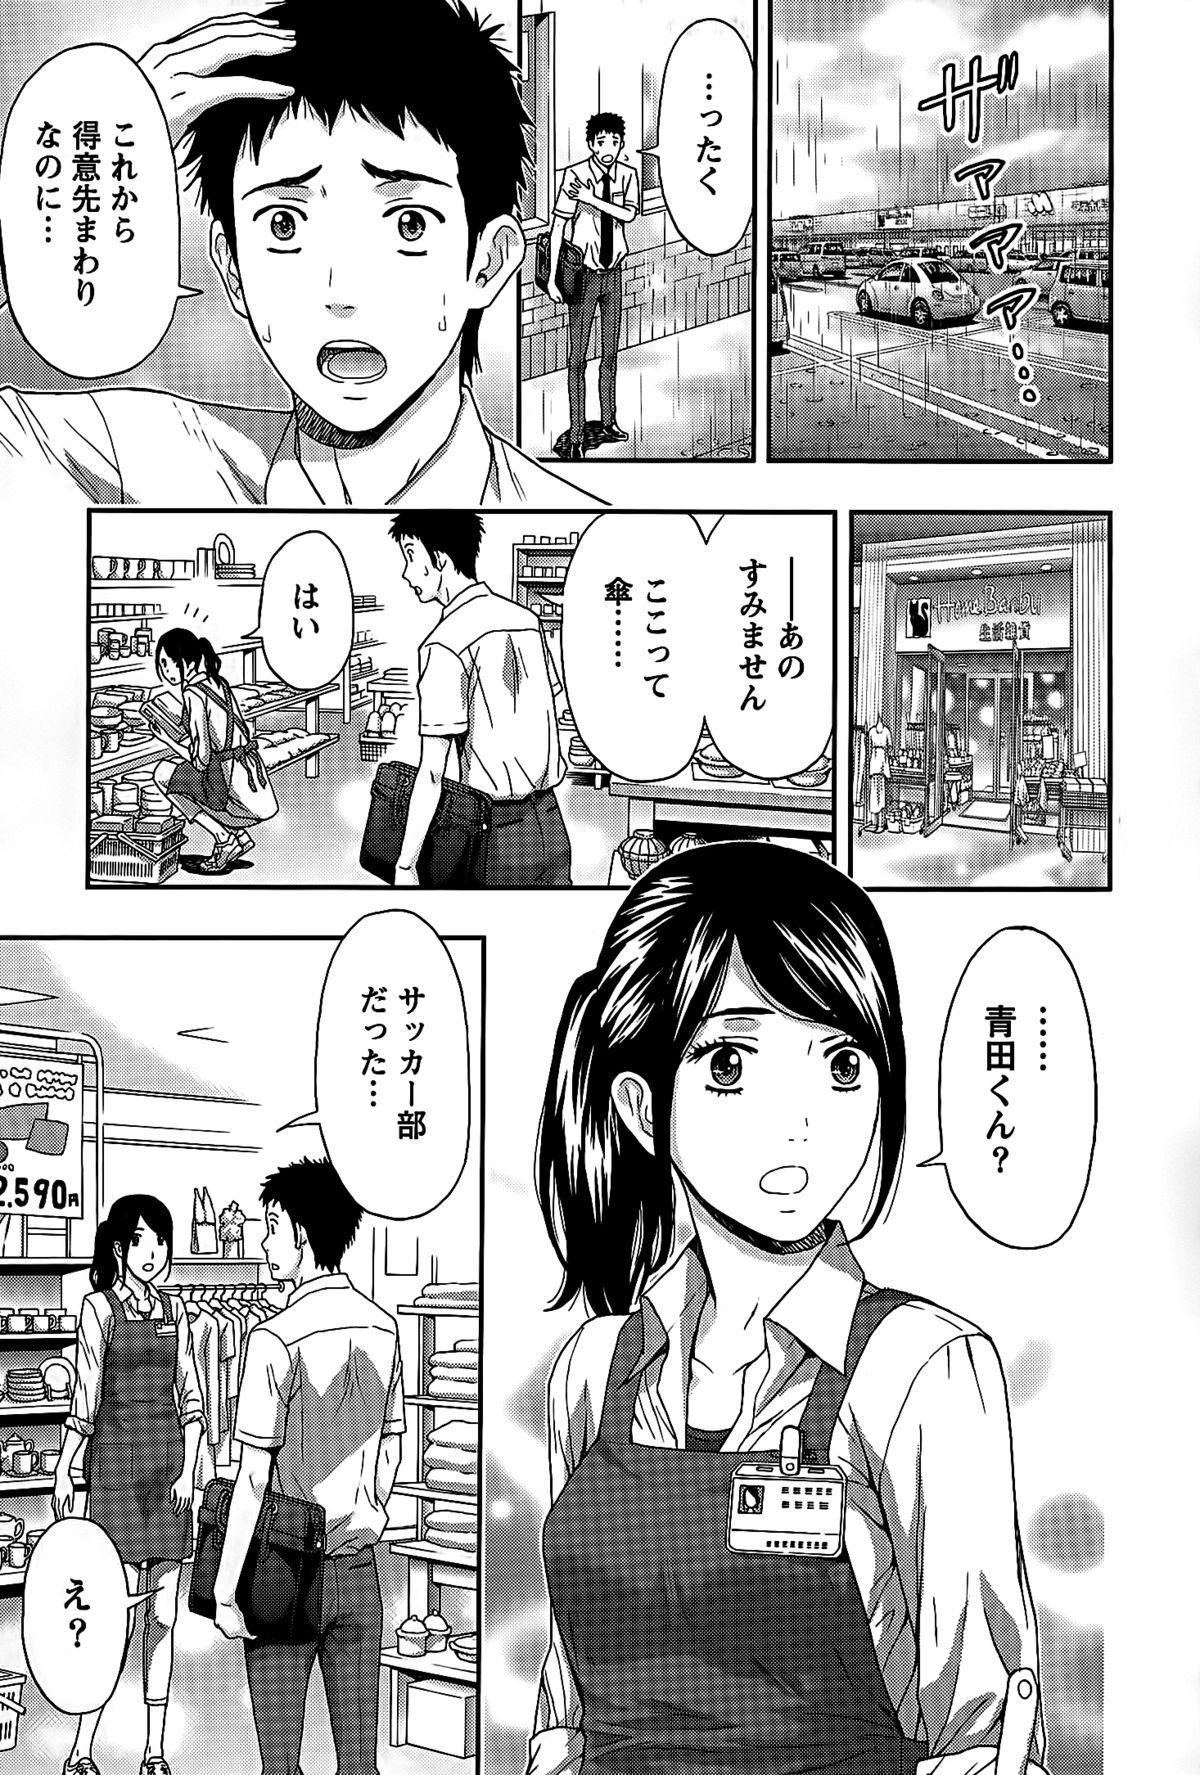 Shittori Lady to Amai Mitsu 127